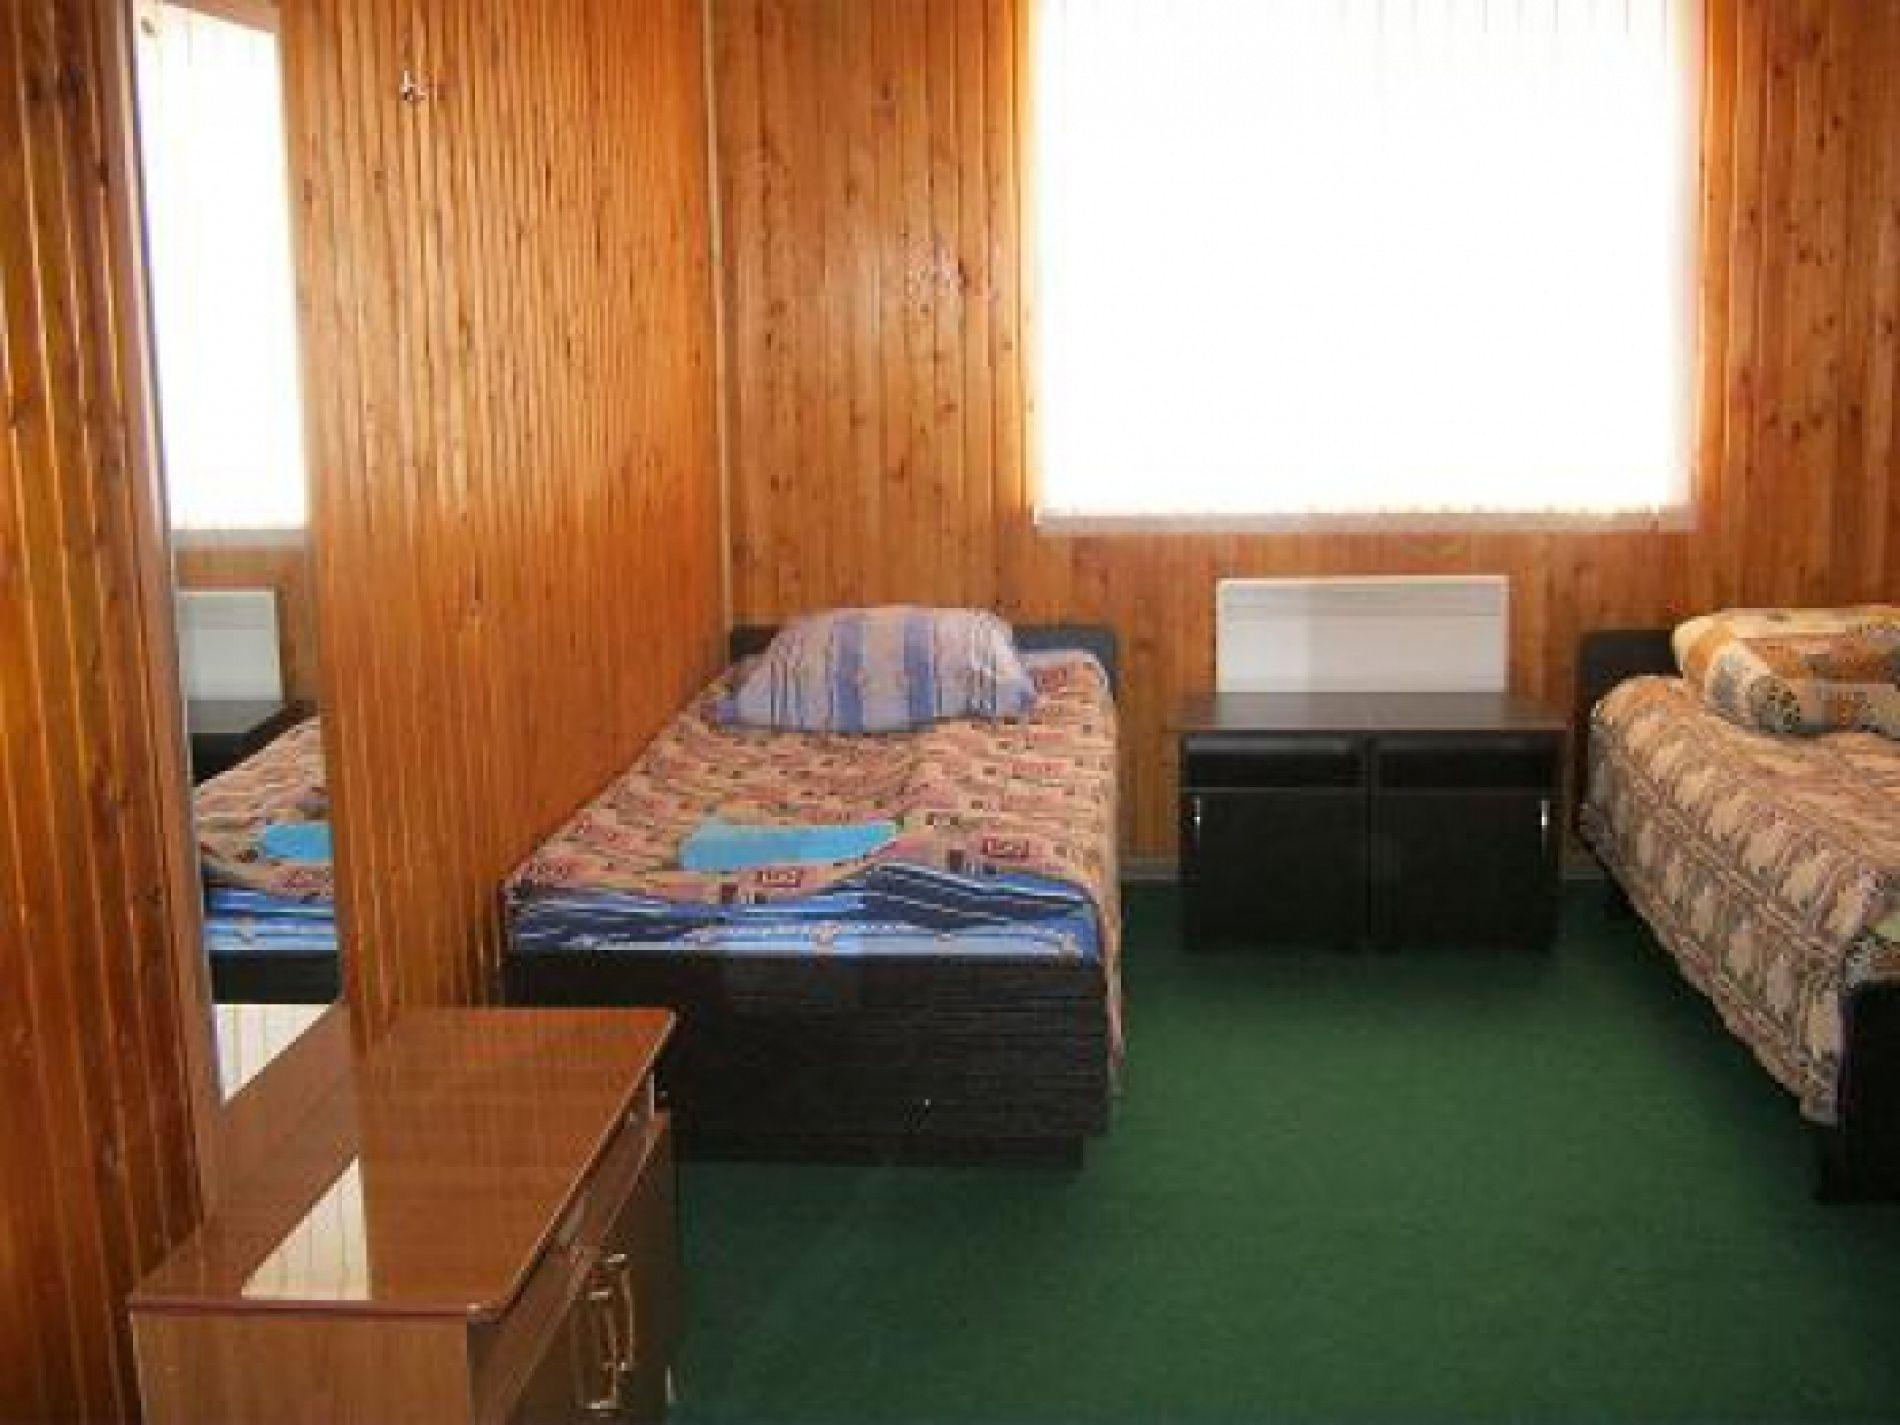 """База отдыха """"Клёвый берег"""" Астраханская область 1-комнатный 5-местный (расширенный) номер стандарт, фото 6"""